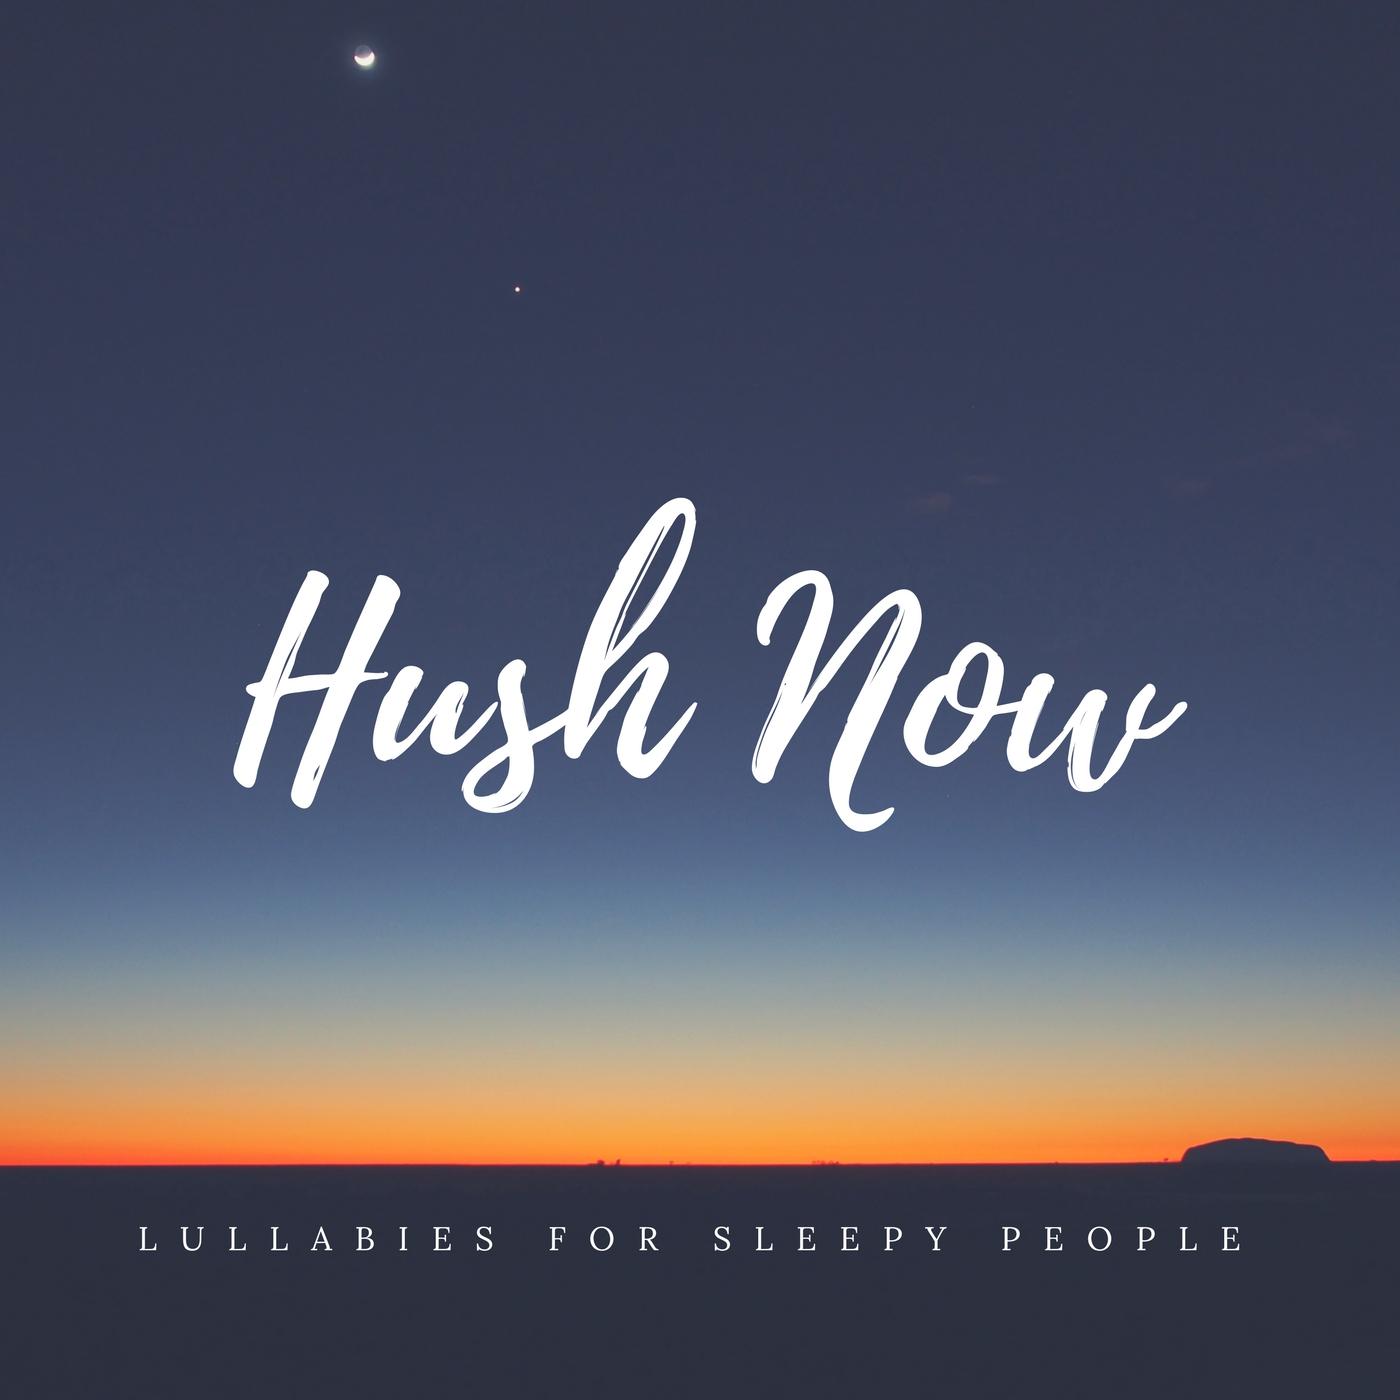 Hush Now Cover Art.jpg